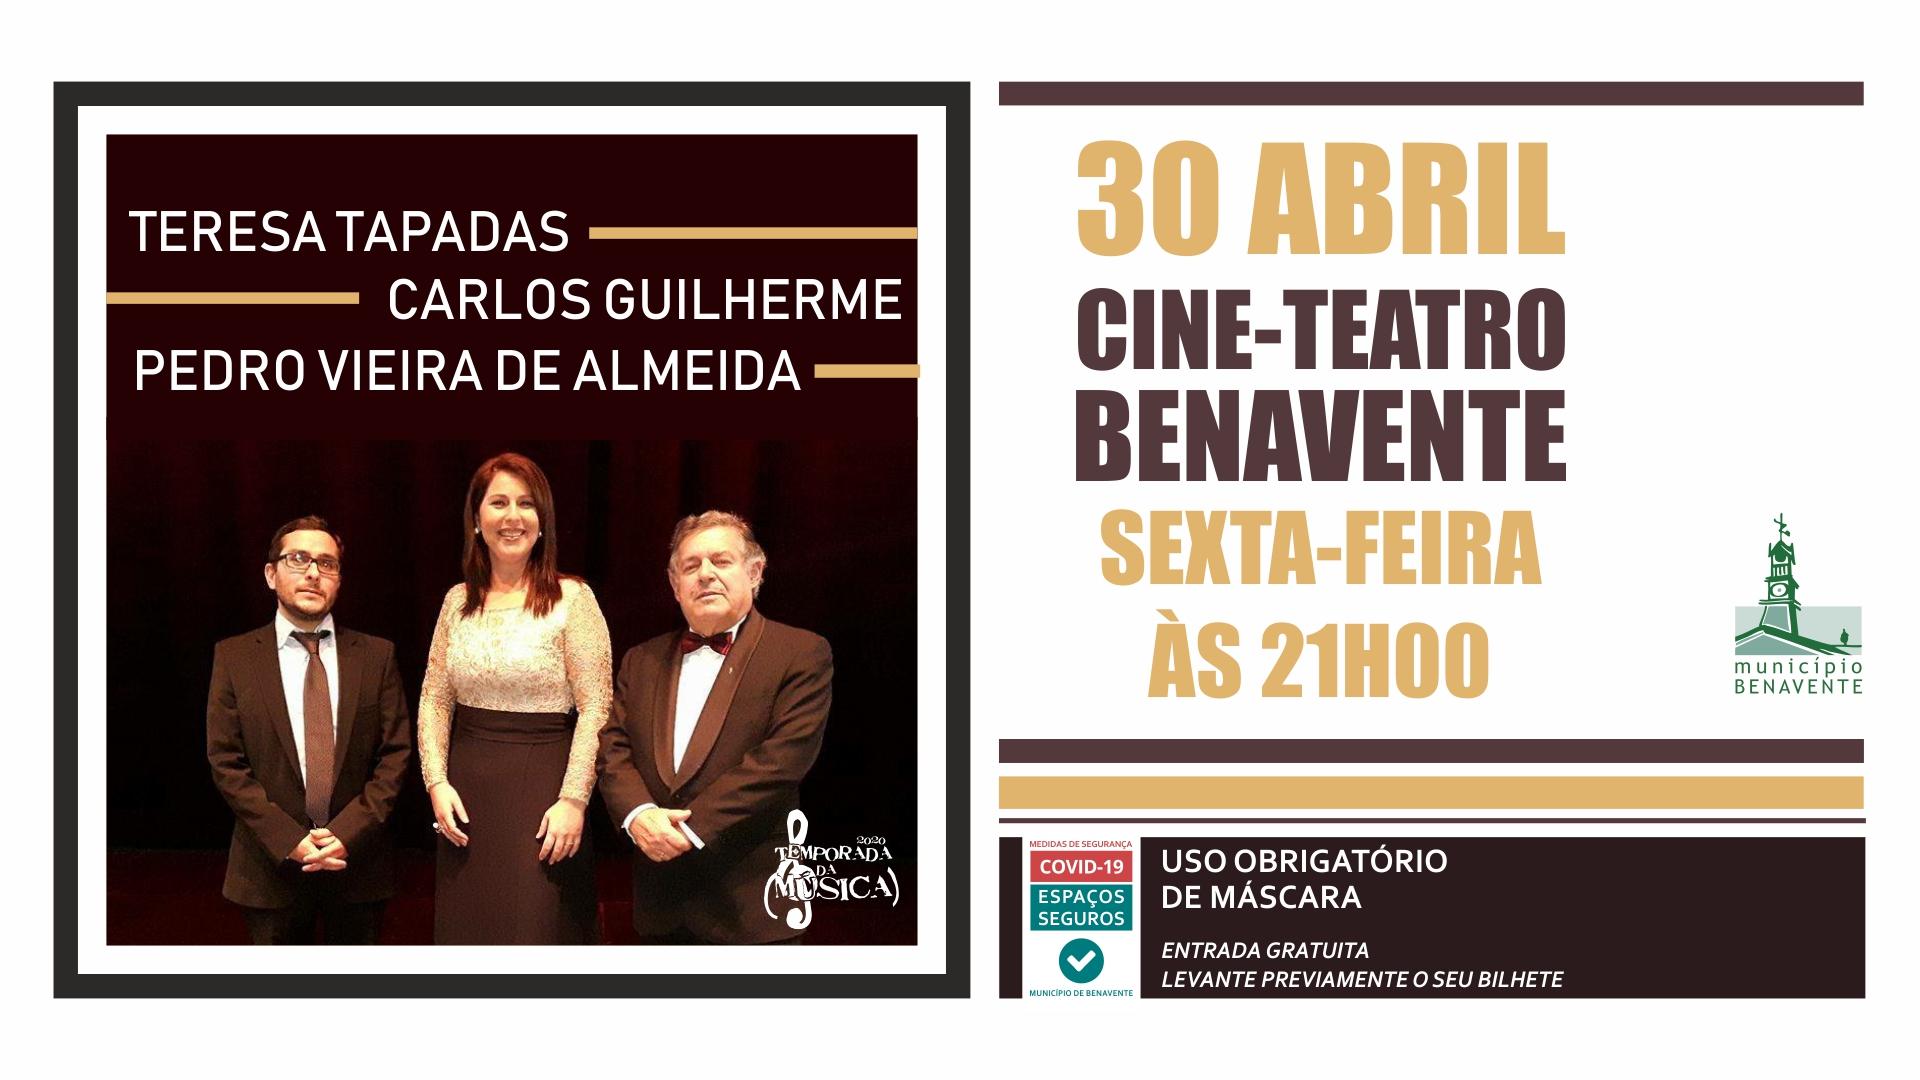 Concerto com Teresa Tapadas, Carlos Guilherme e Pedro Vieira.